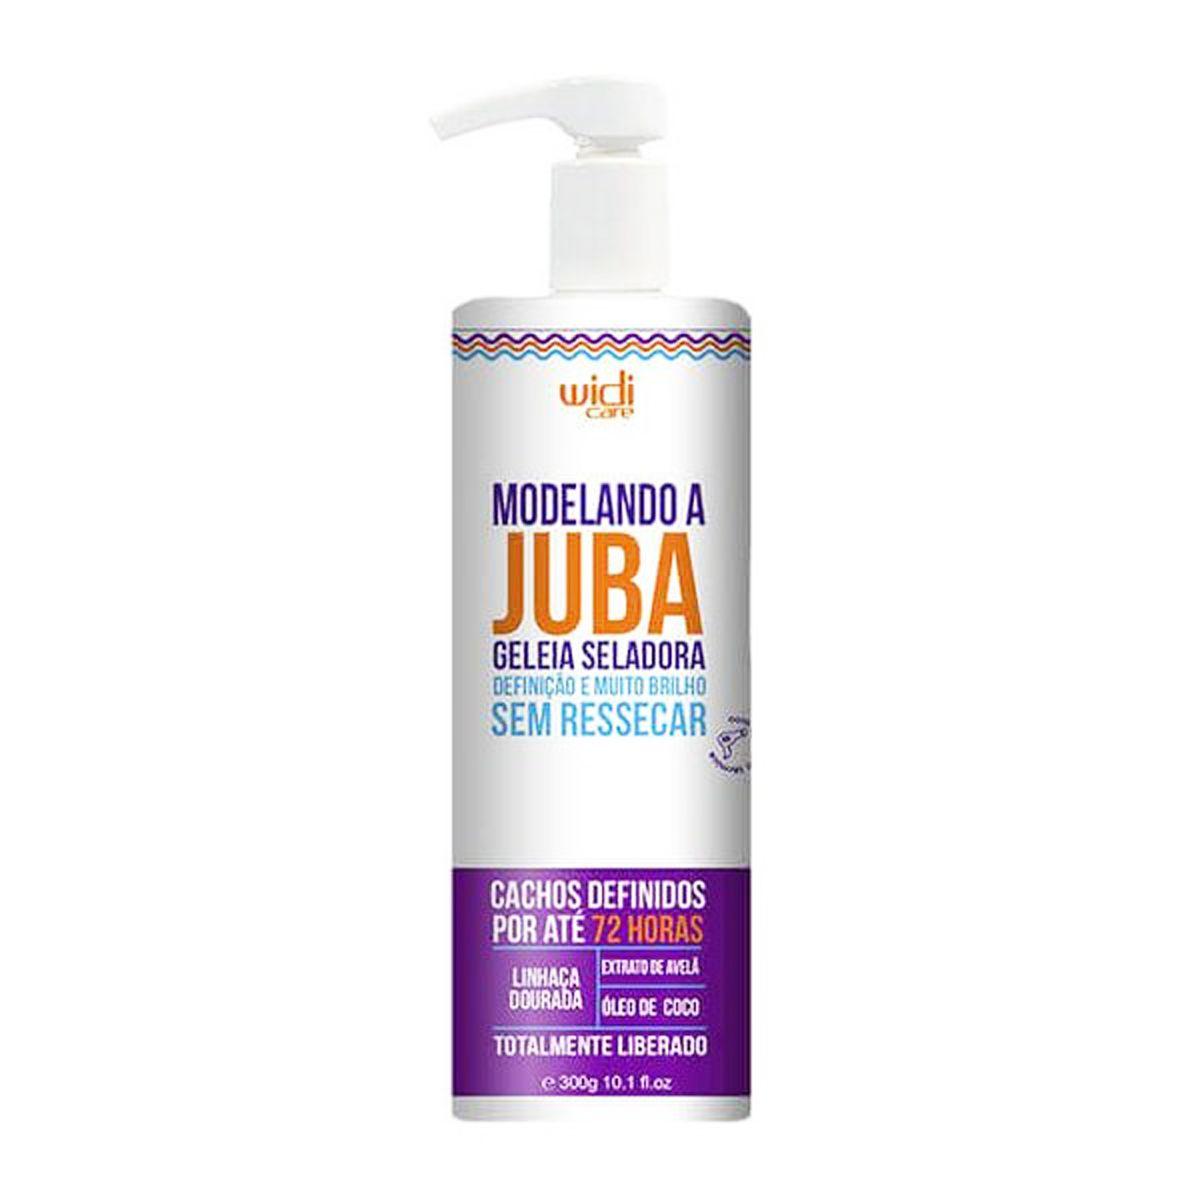 Widi Care - Juba - Geleia de alta definição - 300g